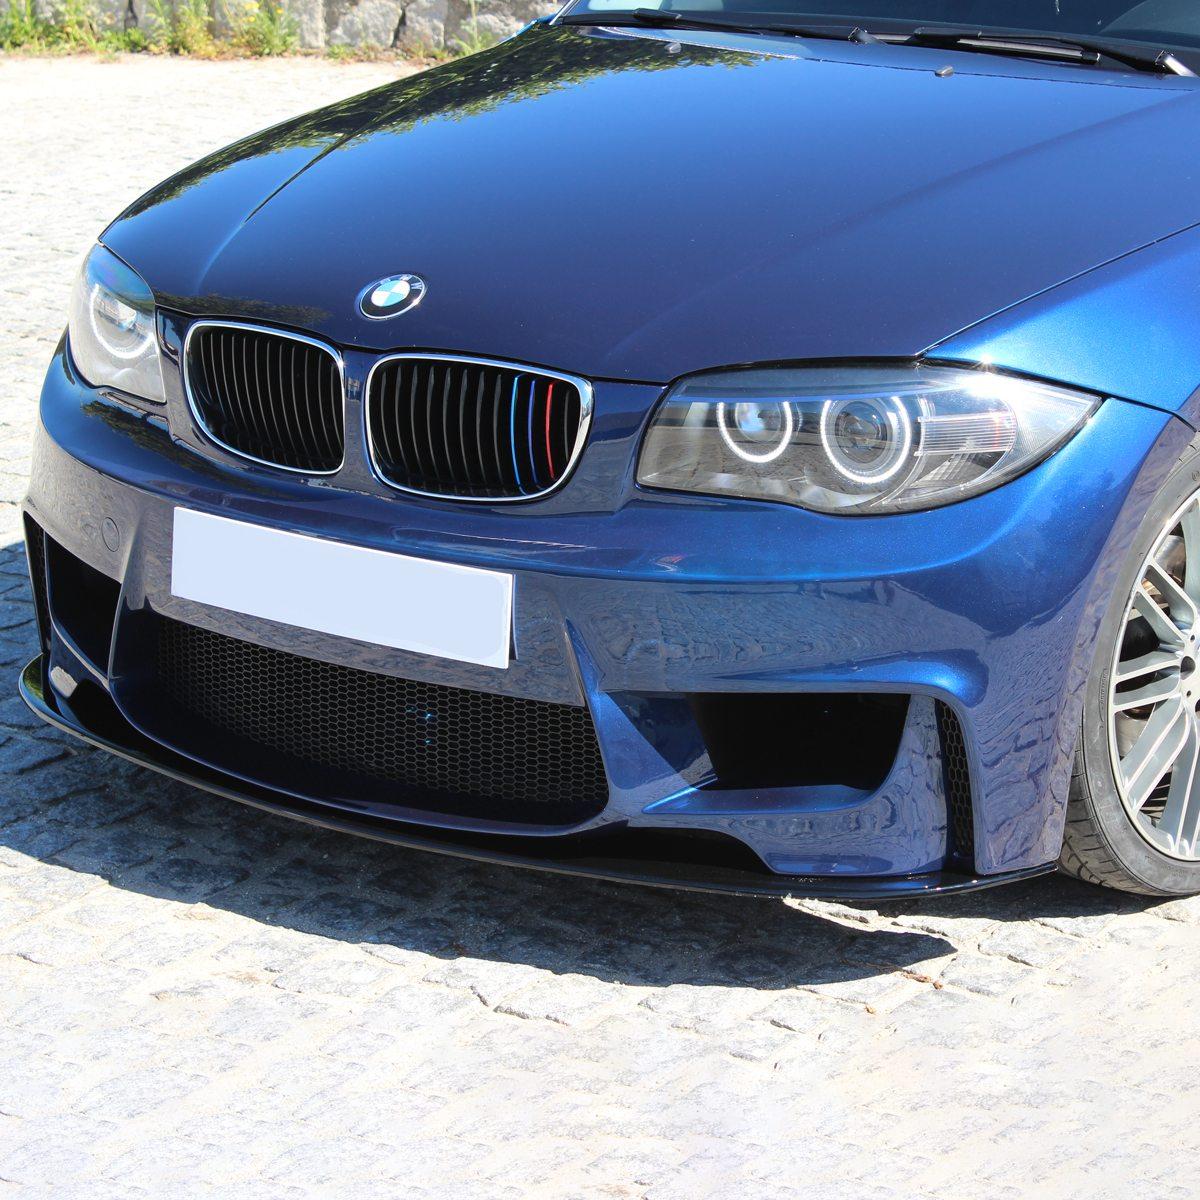 BMW-Serie-1-Para-choques-Frente-Look-M1-s-sup-F.N.-2